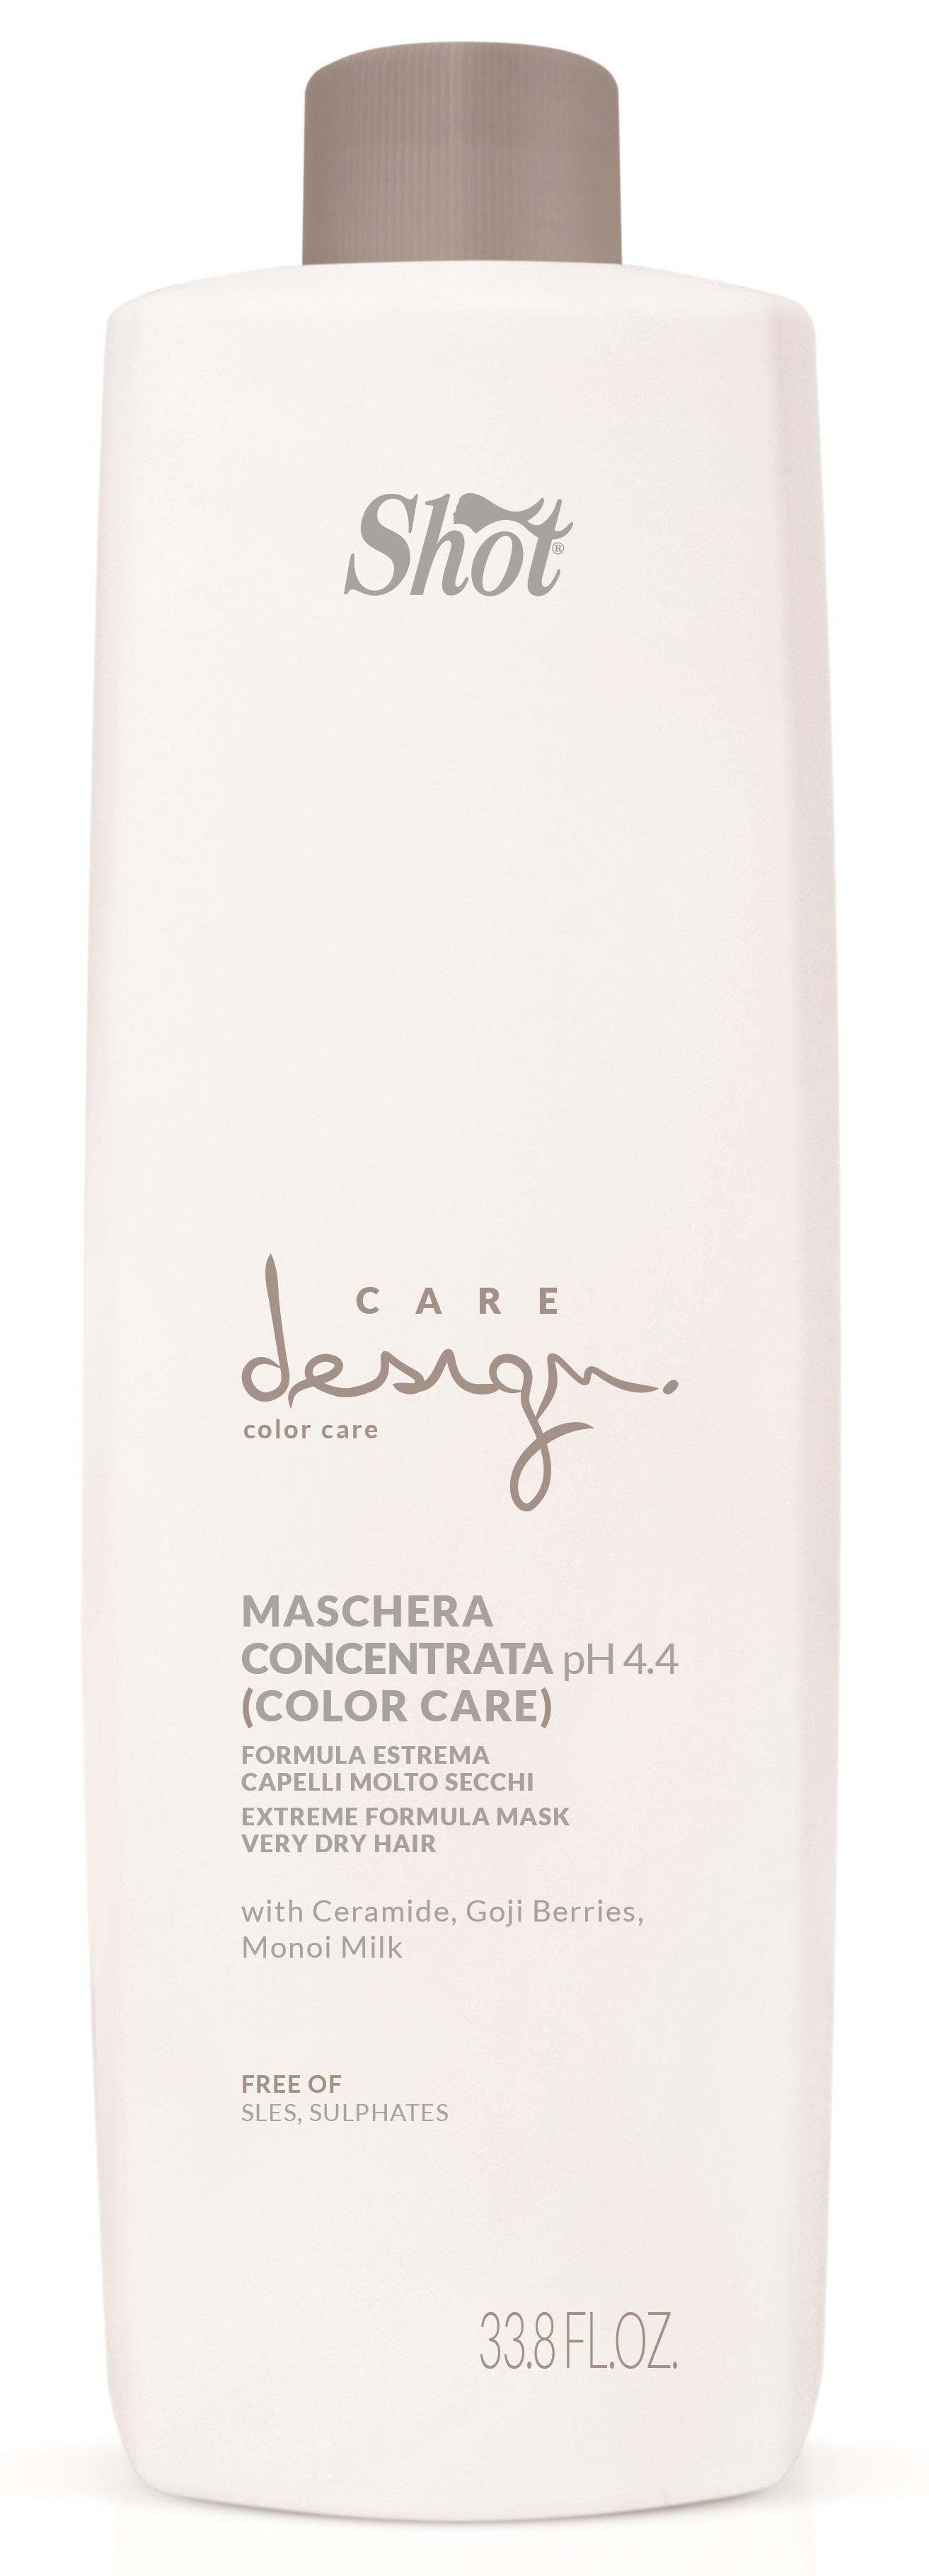 SHOT Маска-концентрат для окрашенных волос / Care Design 1000 мл